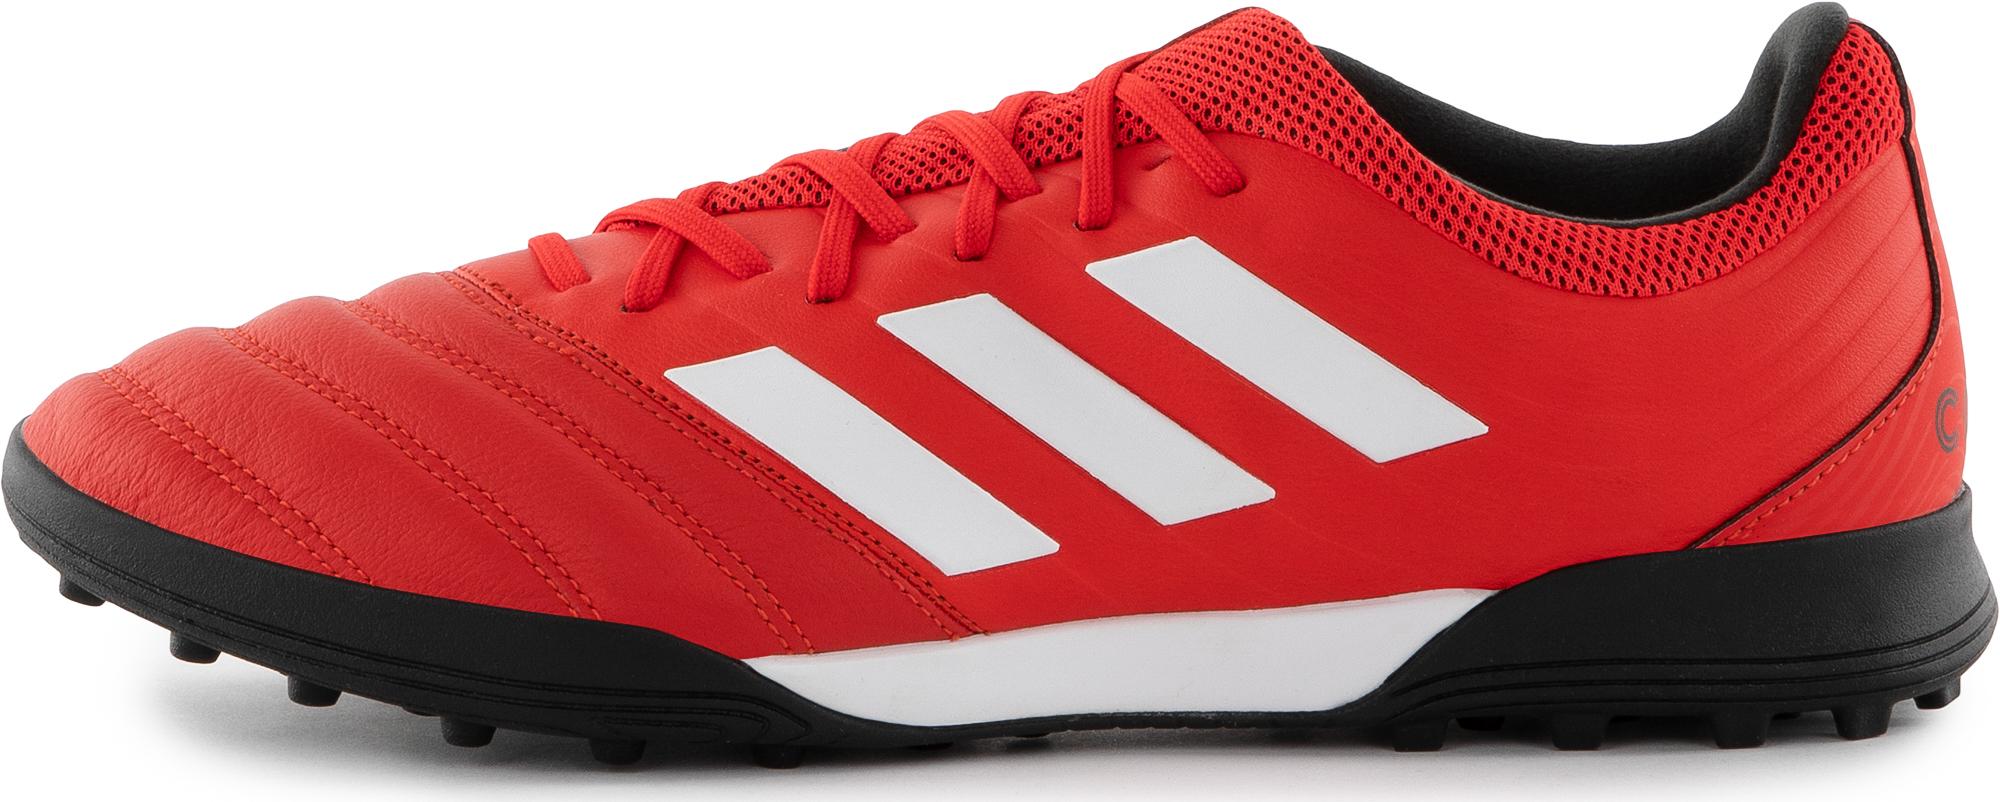 цены Adidas Бутсы мужские Adidas Copa 20.3 Tf, размер 43